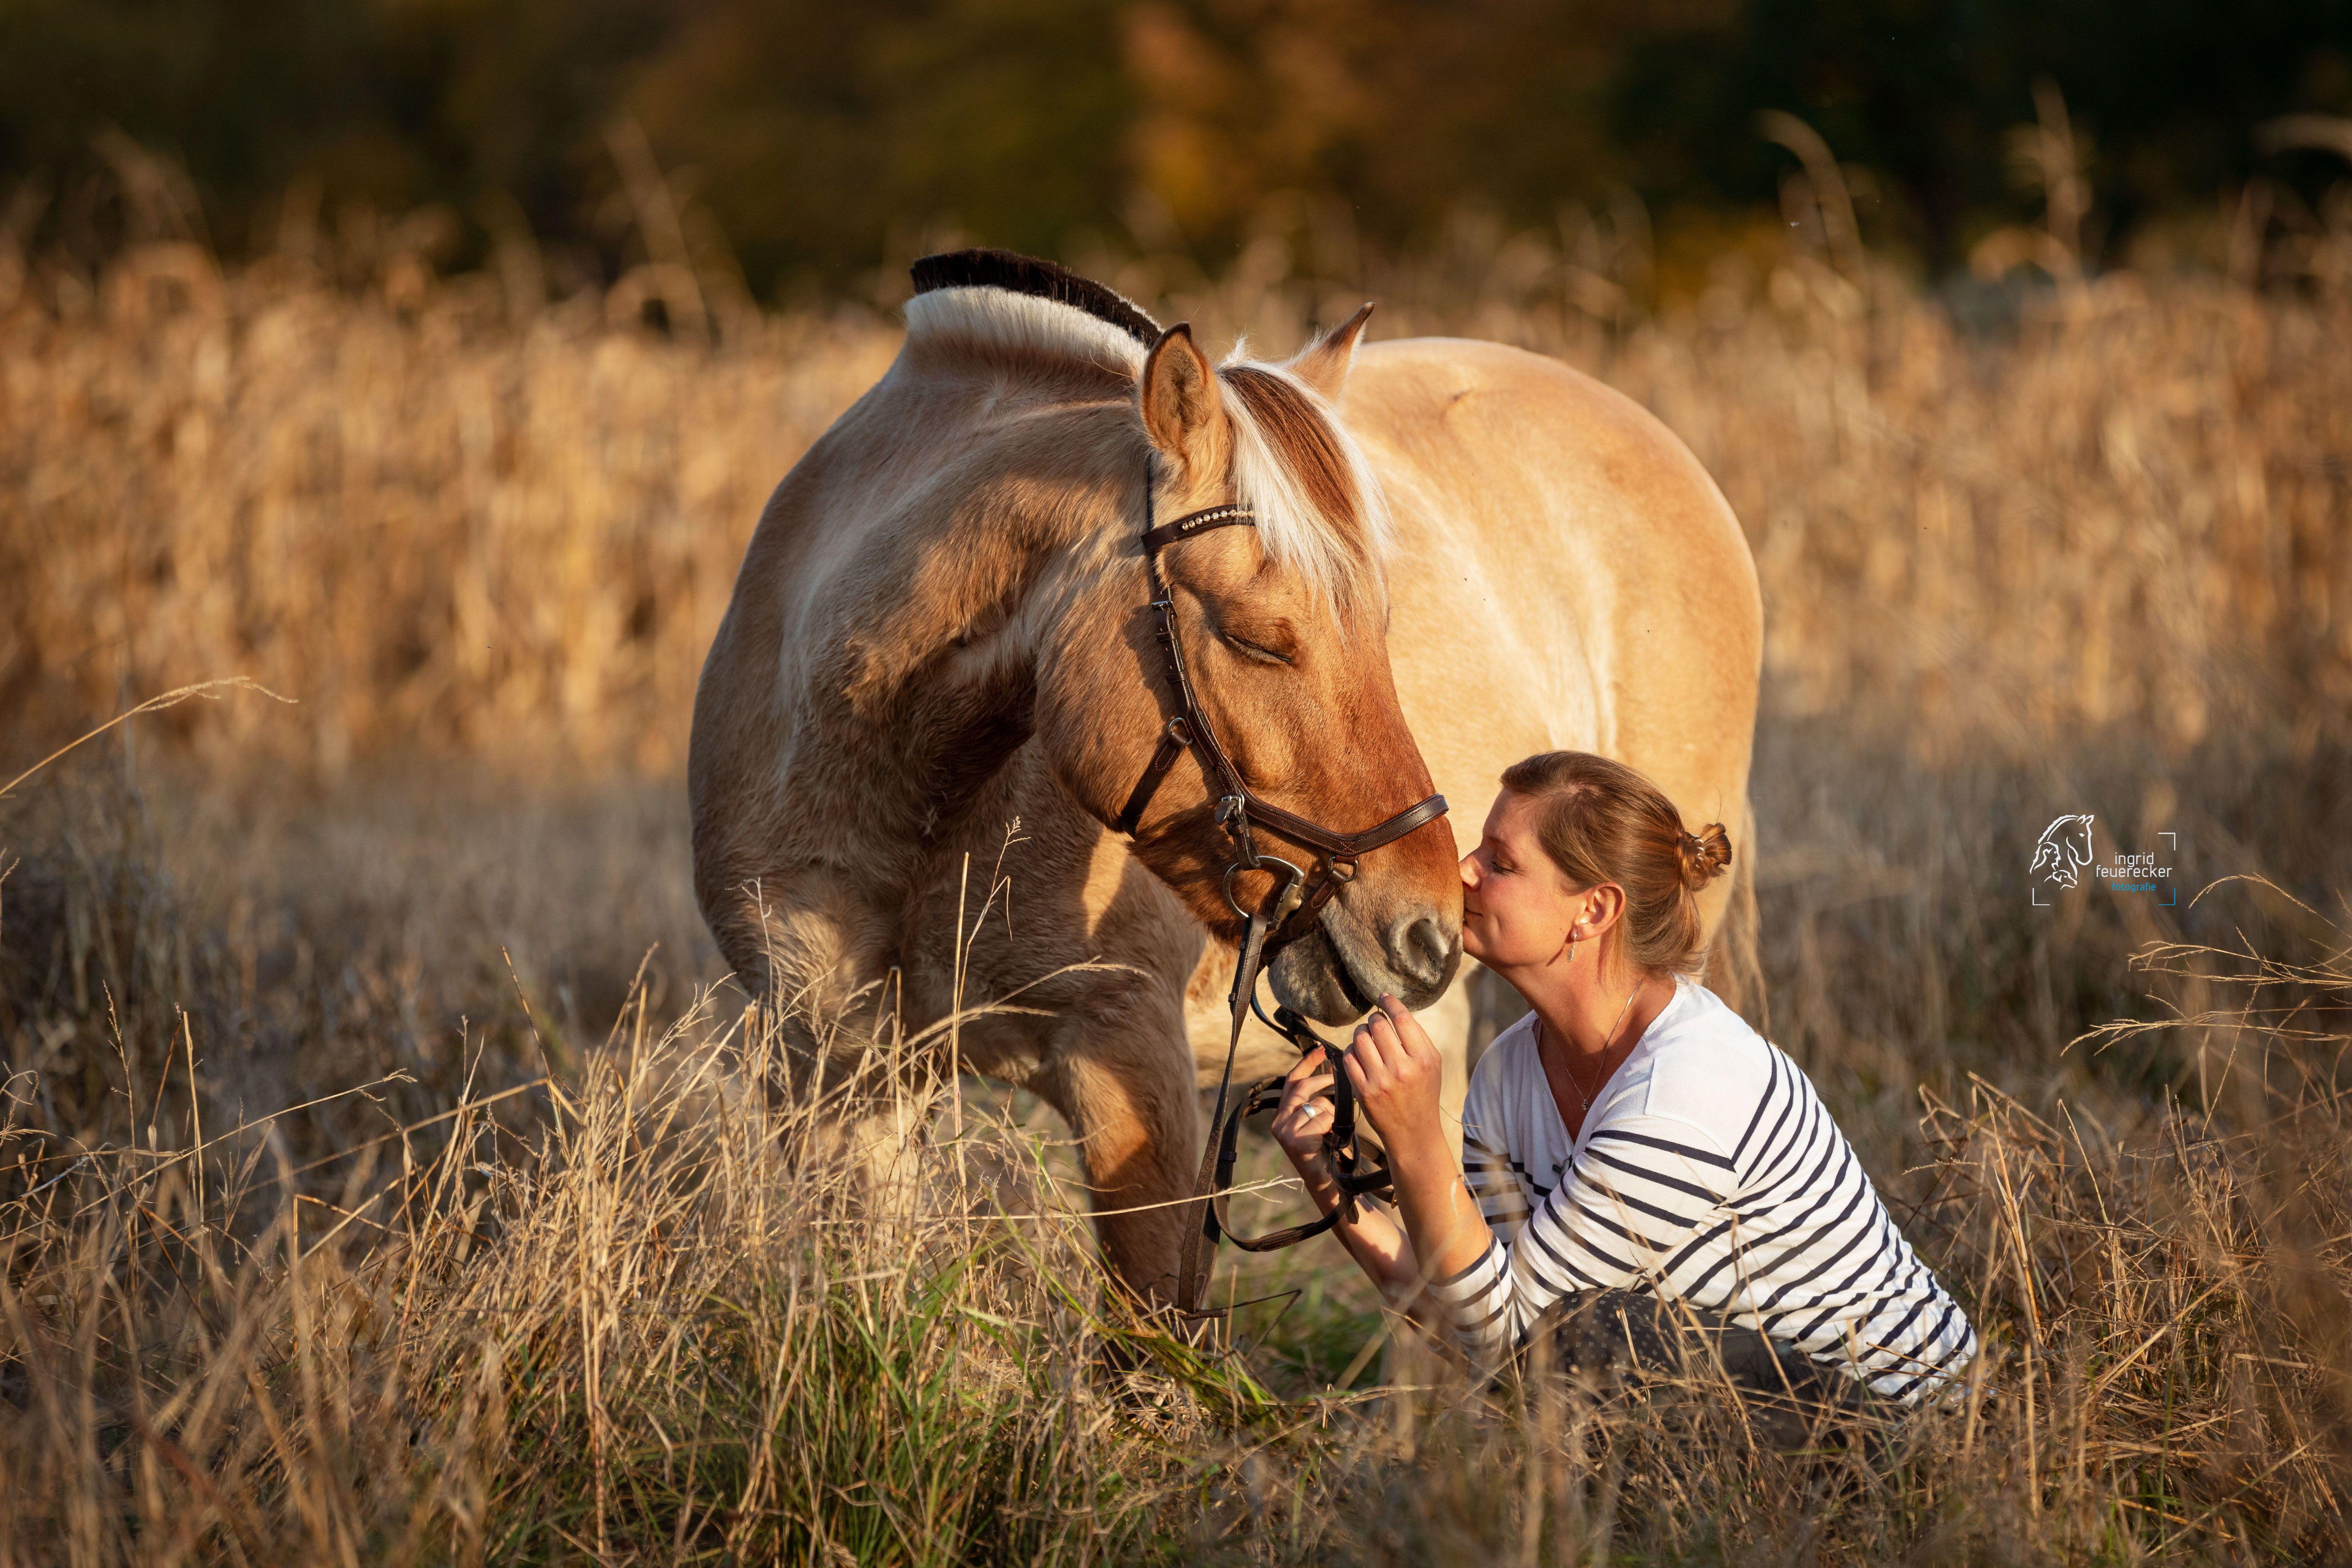 pferd mensch portrait in der natur  pferde fotografie